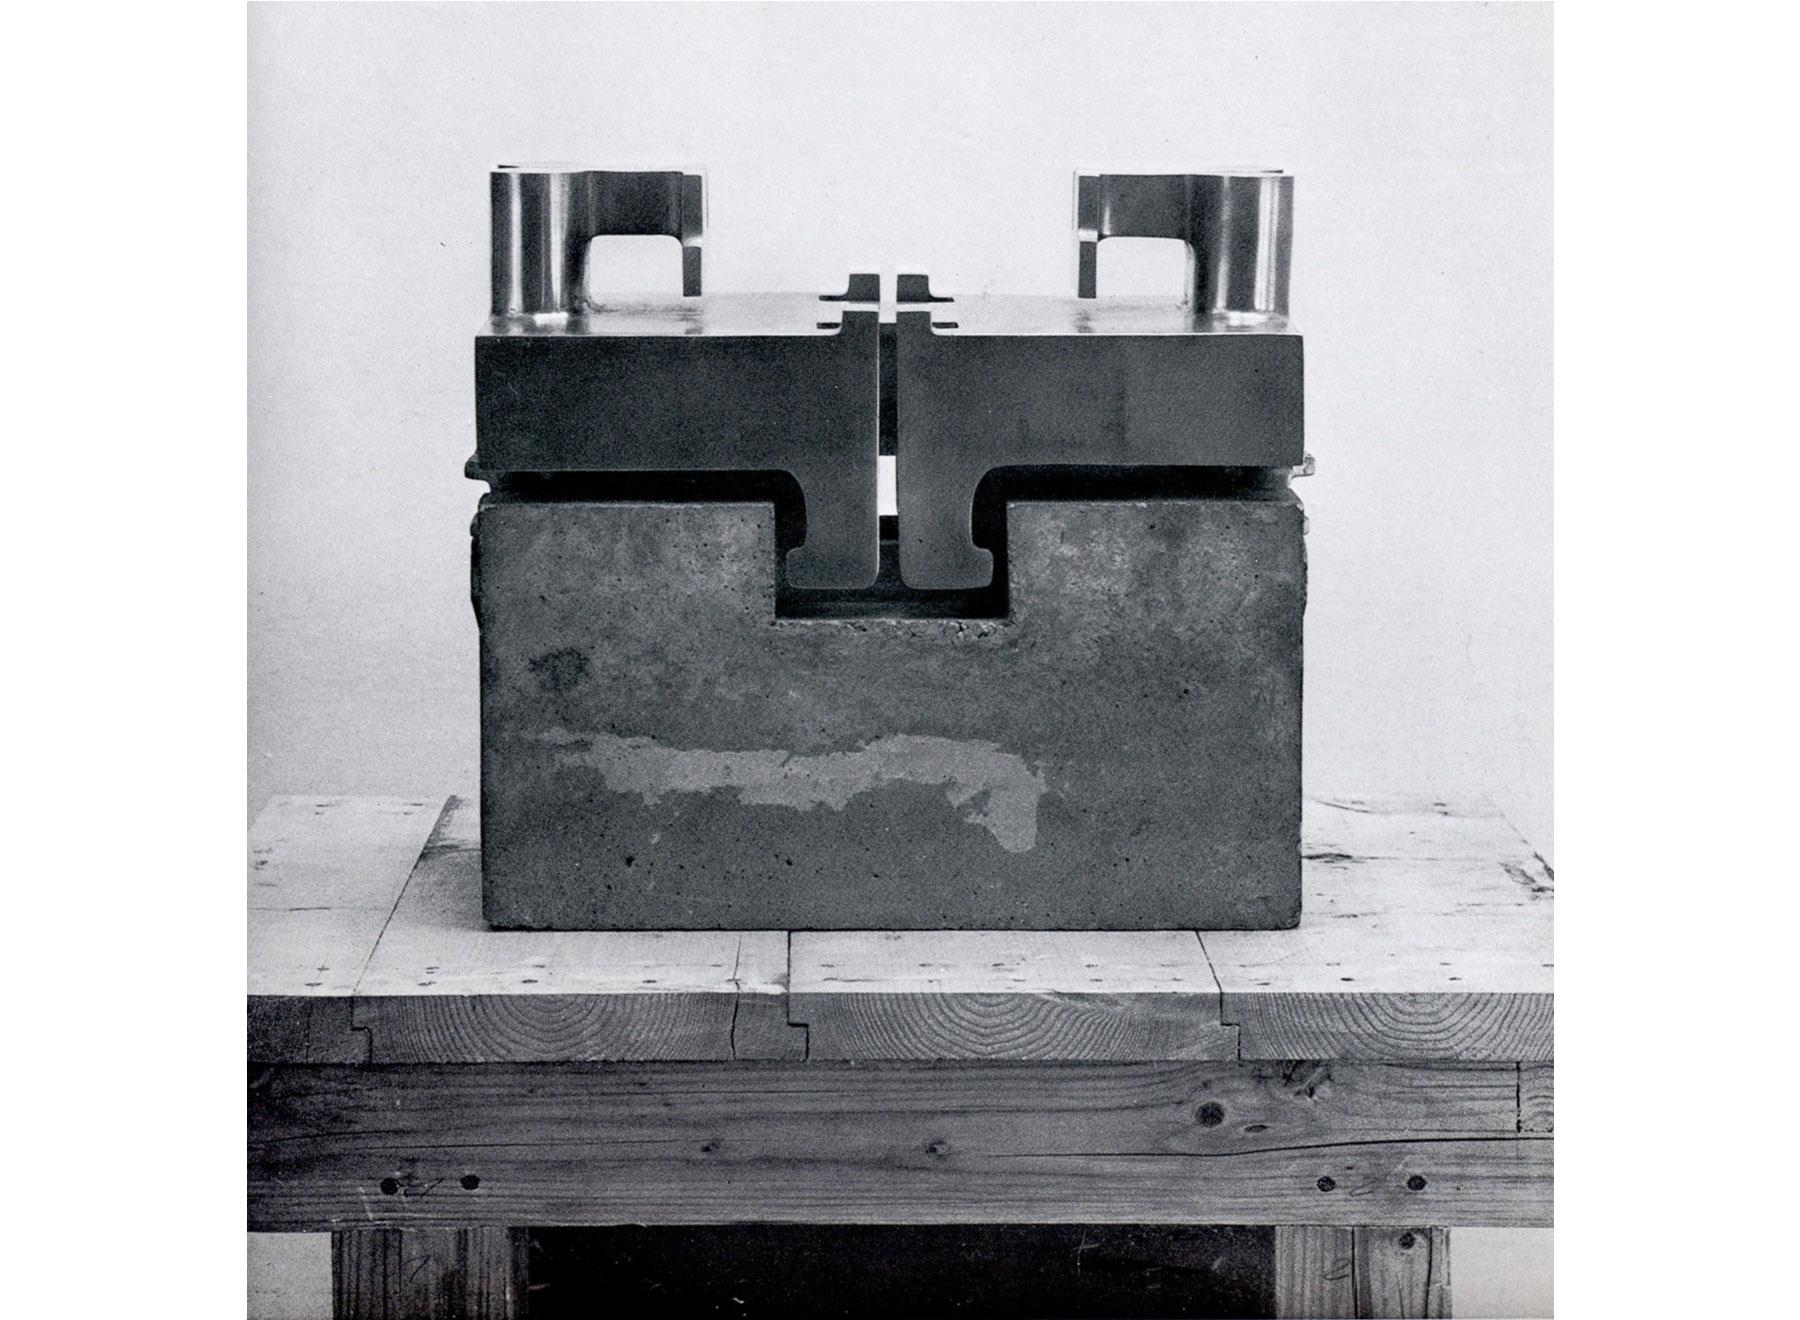 unkown, Walter Pichler